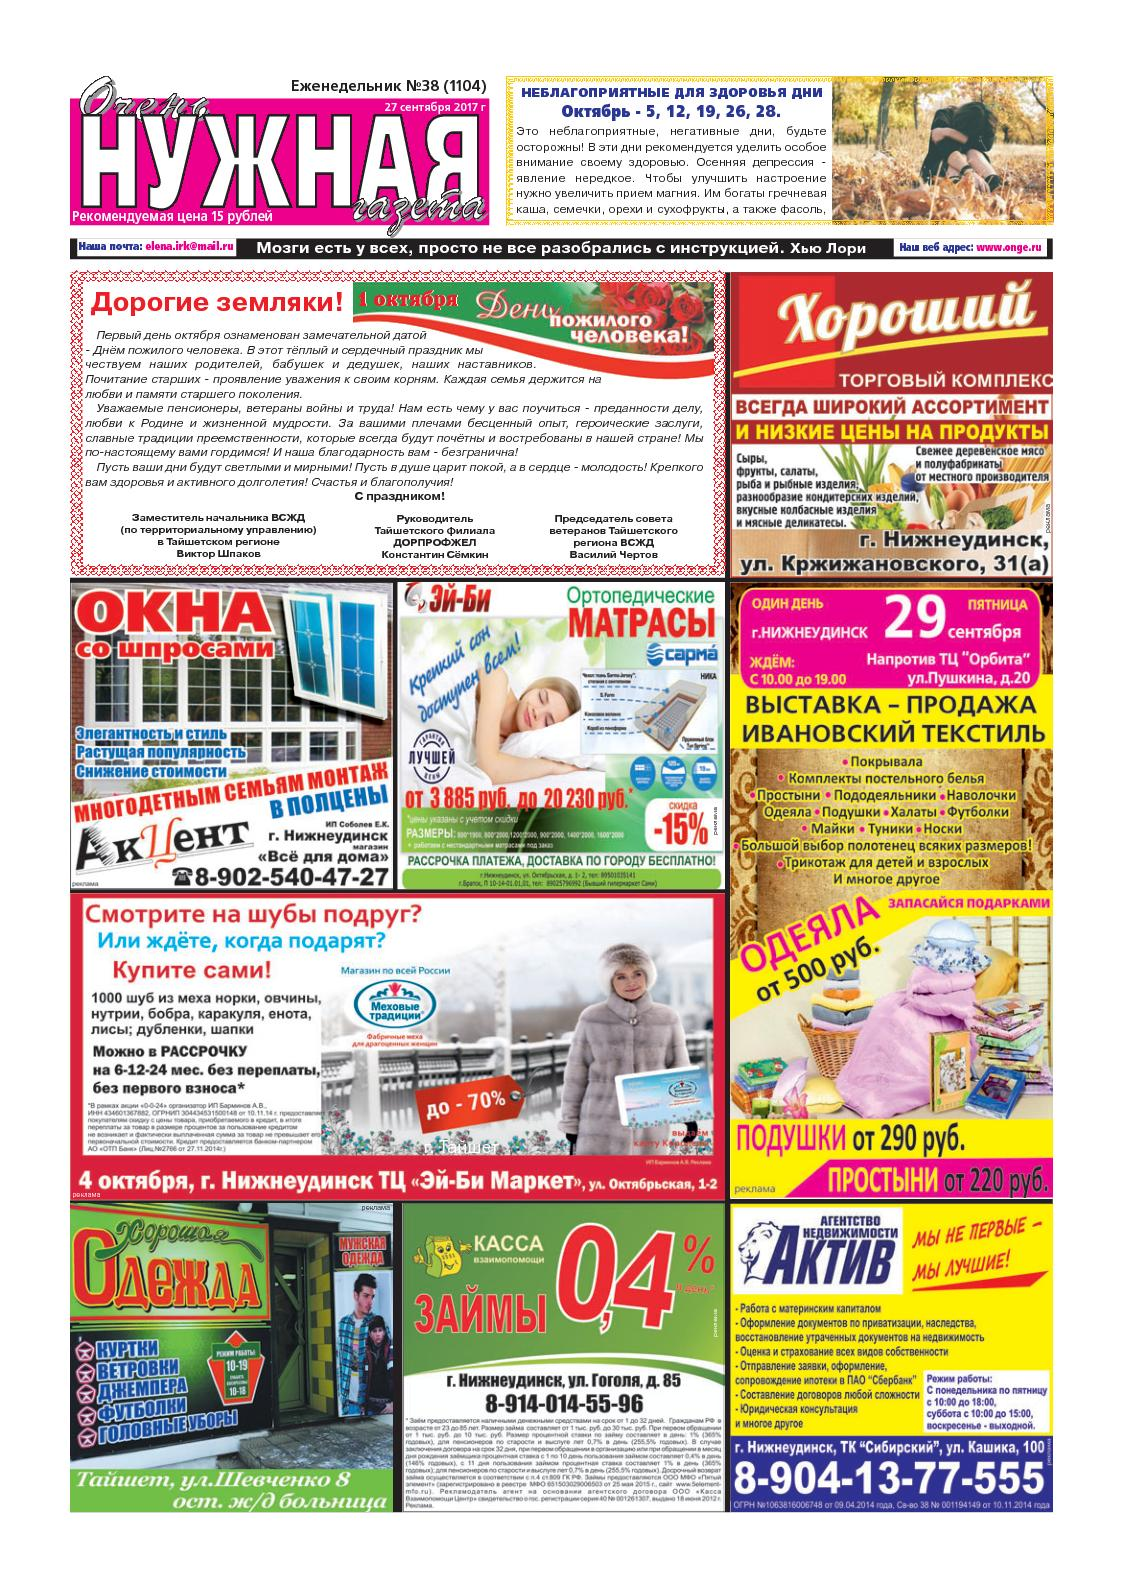 знакомства новочеркасск газета объявления